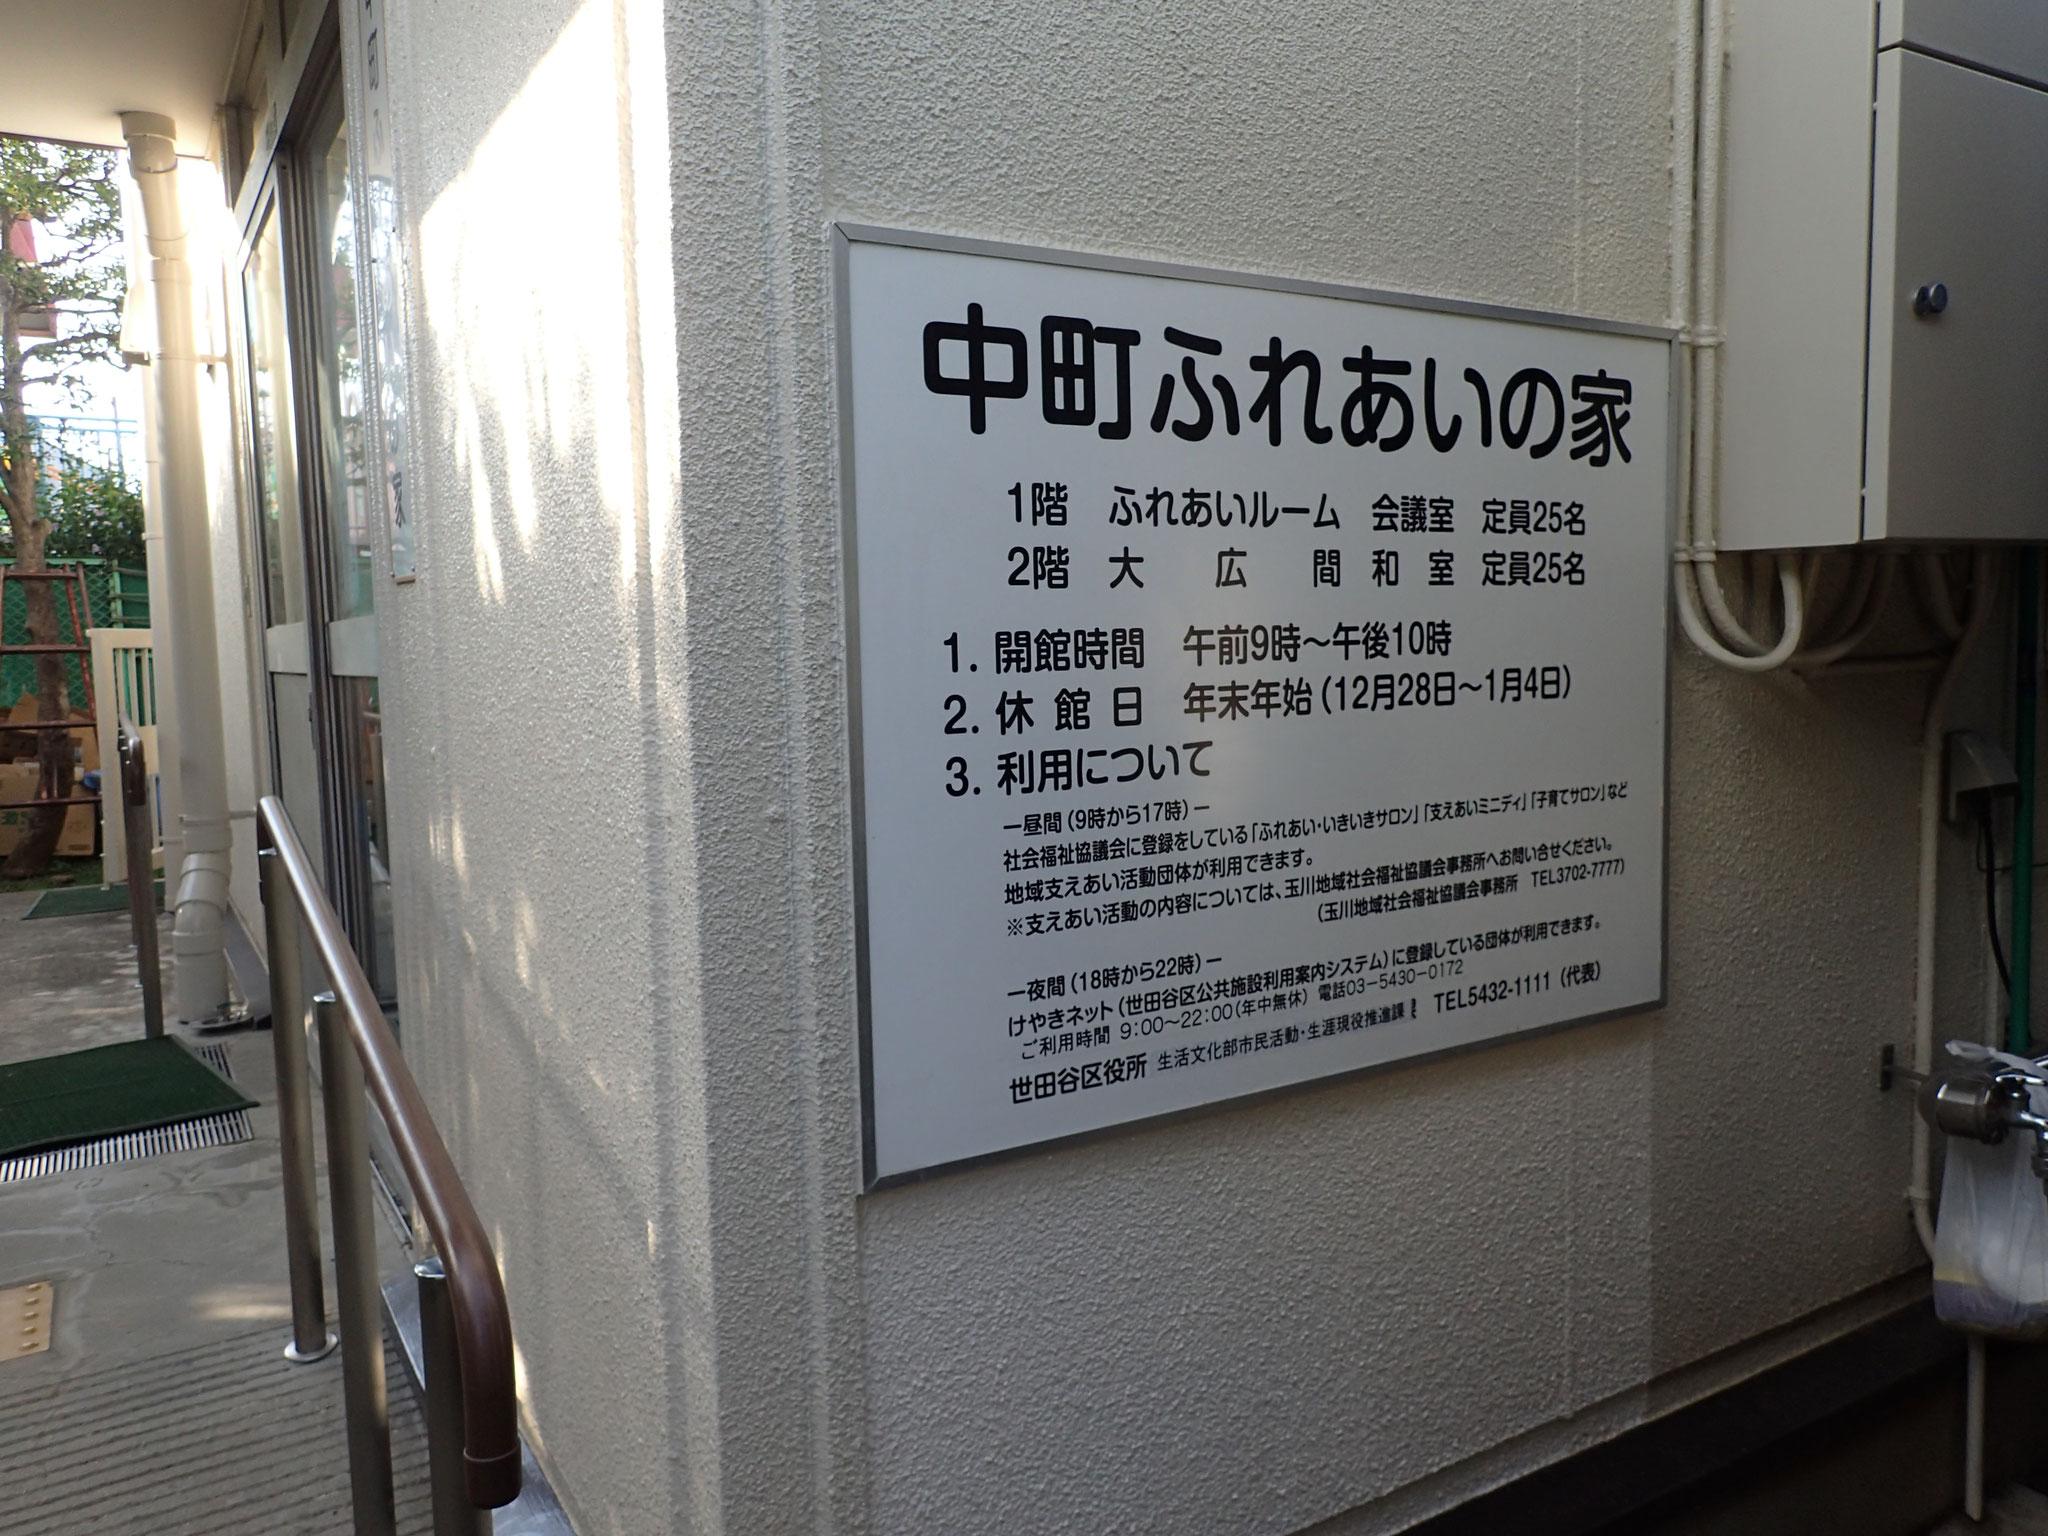 中町ふれあいの家 住民のコミュニケーションの場所として使われています